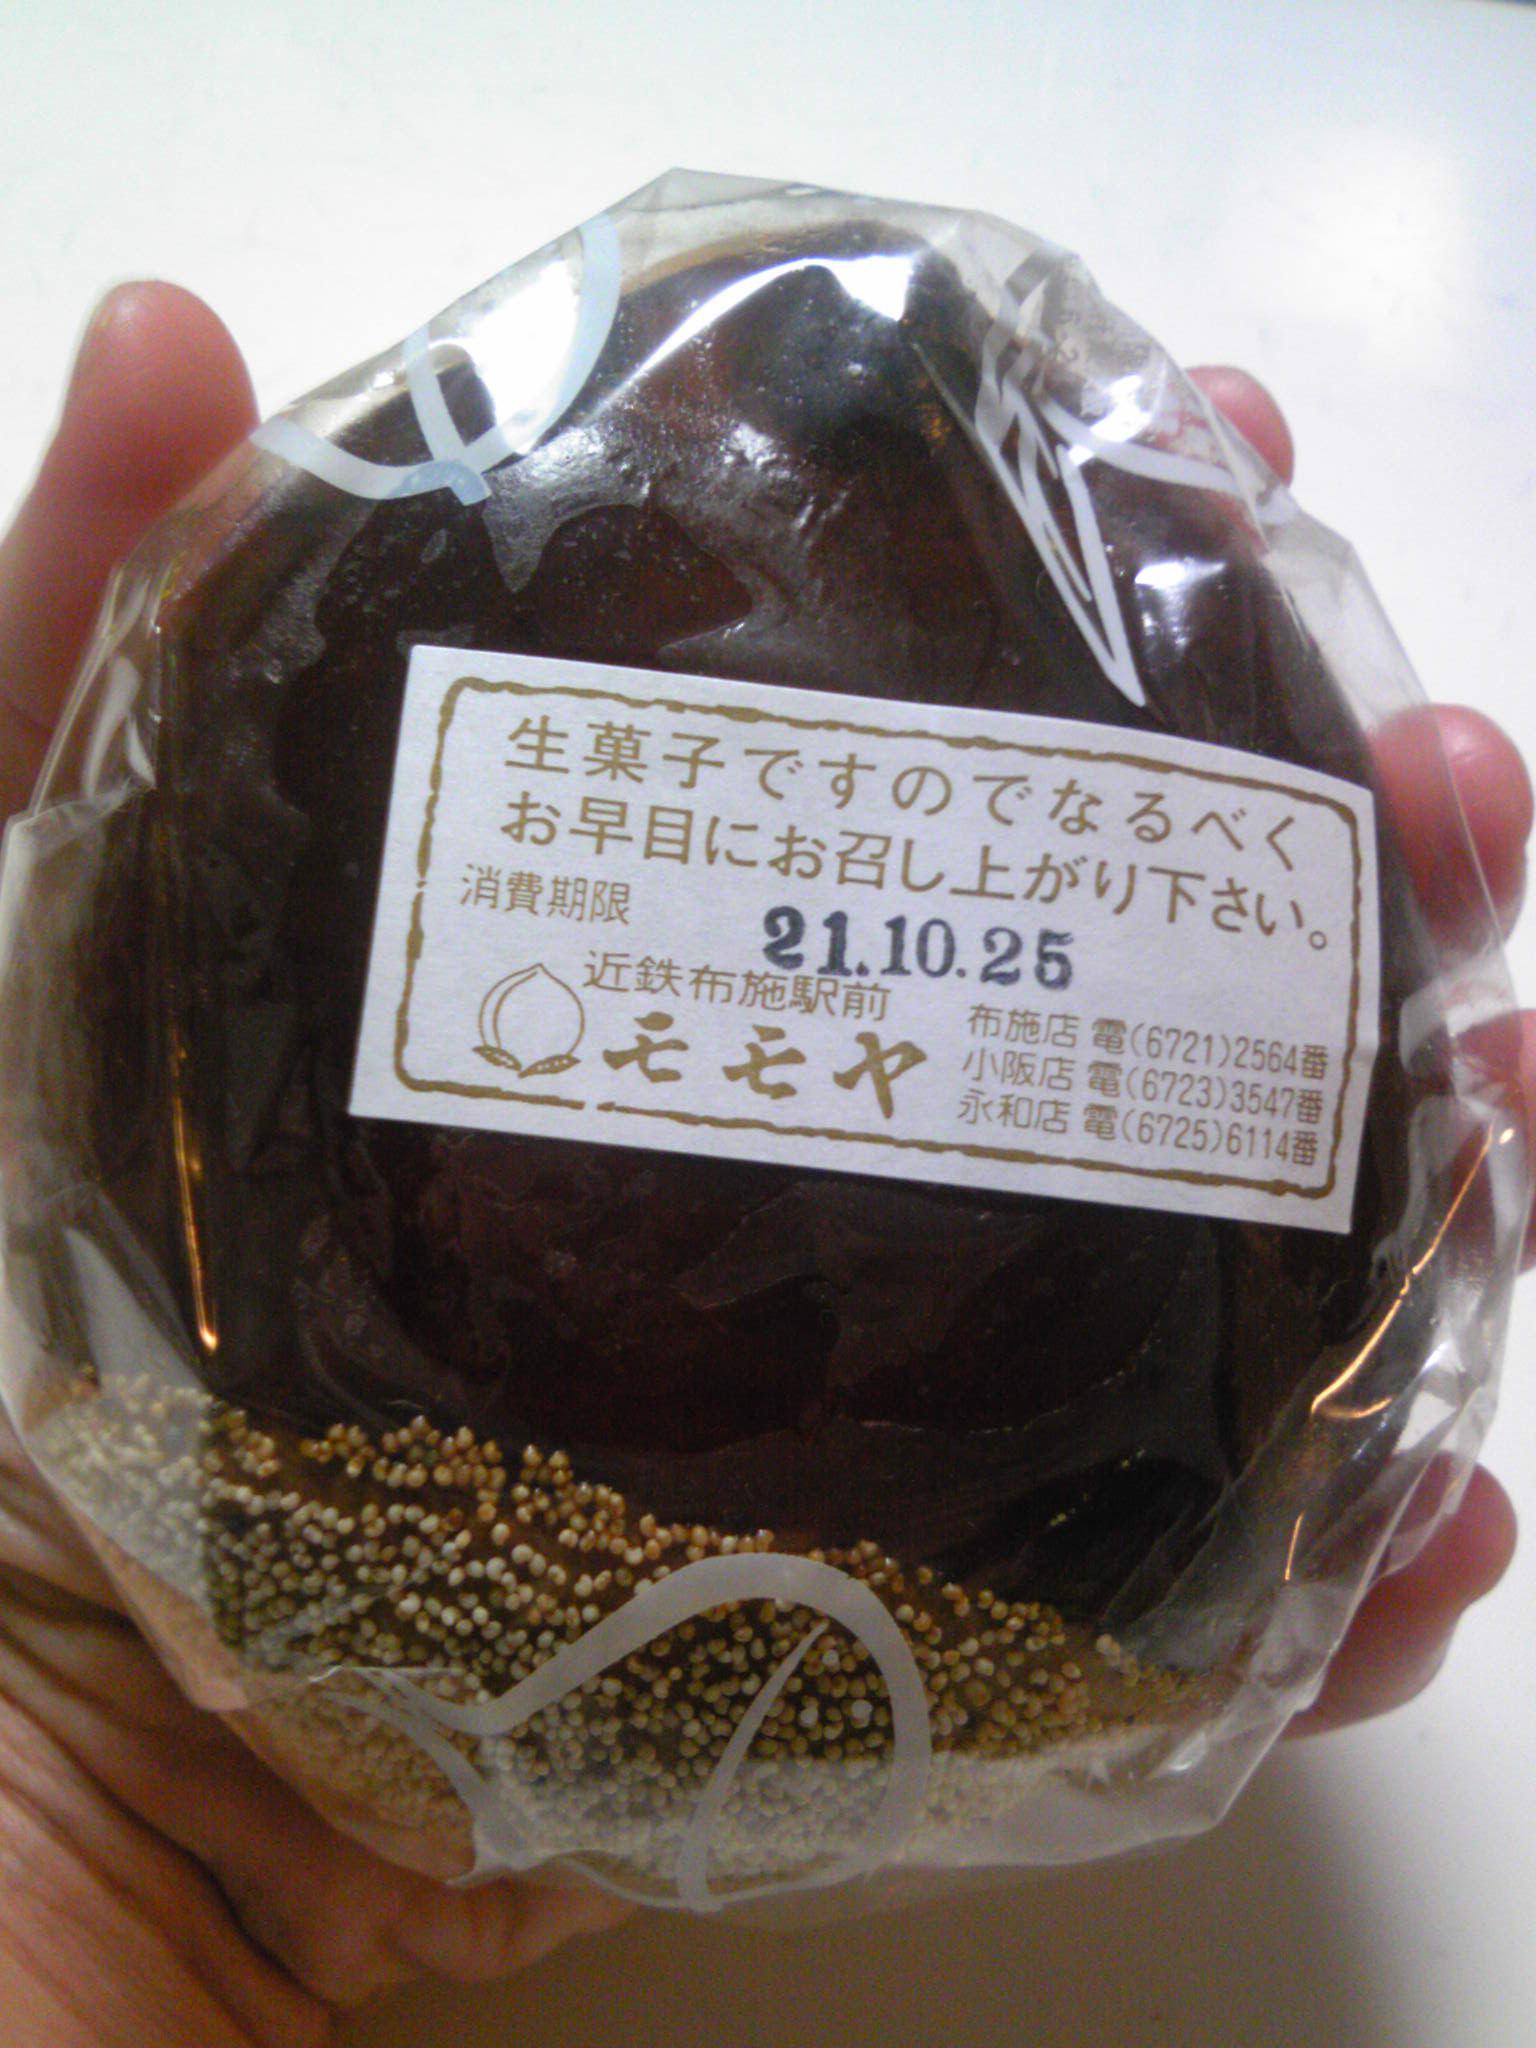 御菓子司 モモヤ 布施店